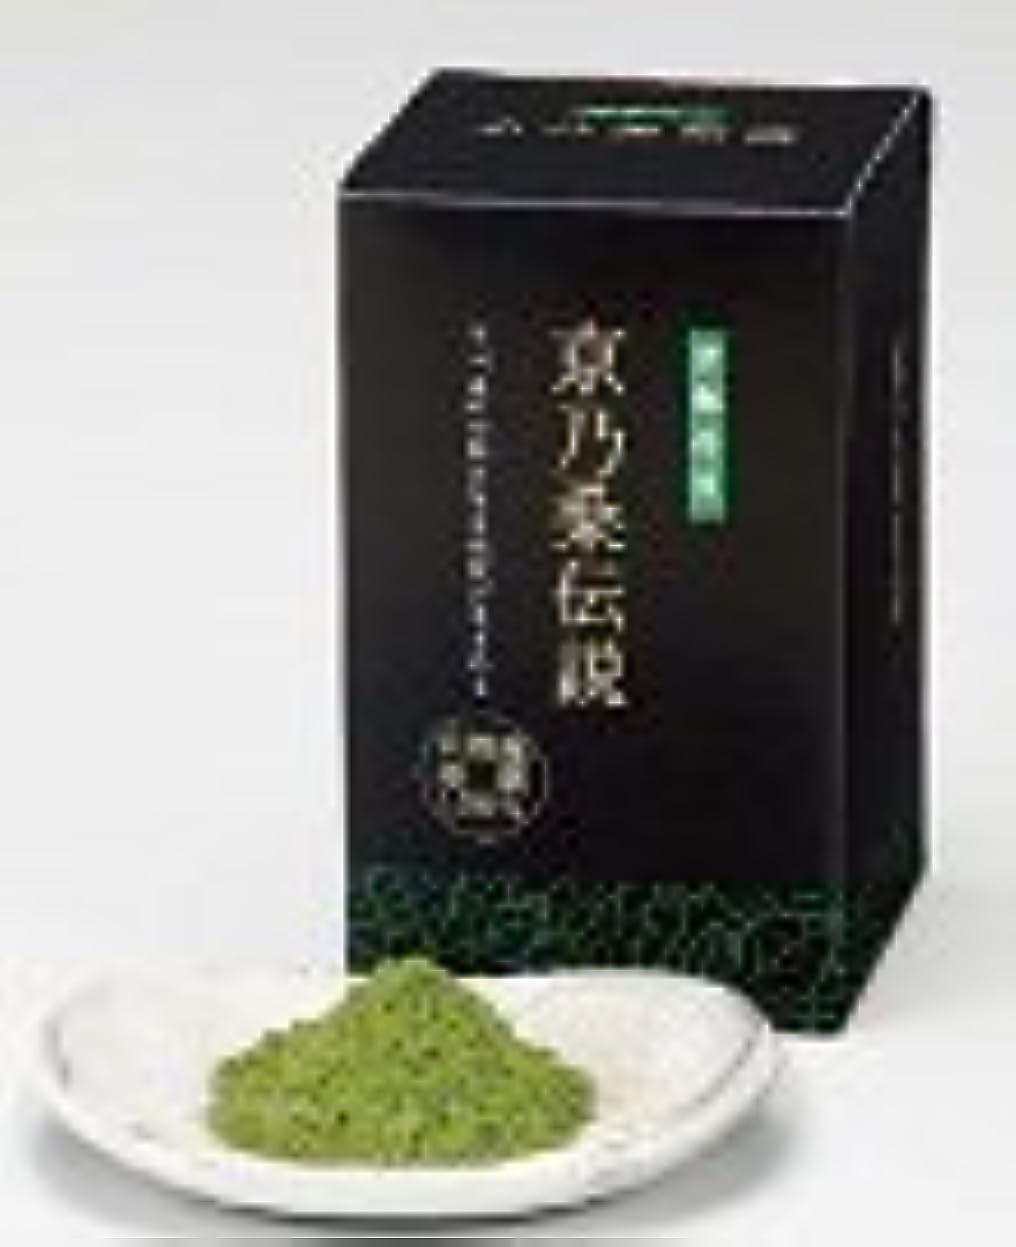 最小化するキャラバン現れる京乃桑伝説(桑の葉粉茶、青汁)お試し10袋入り